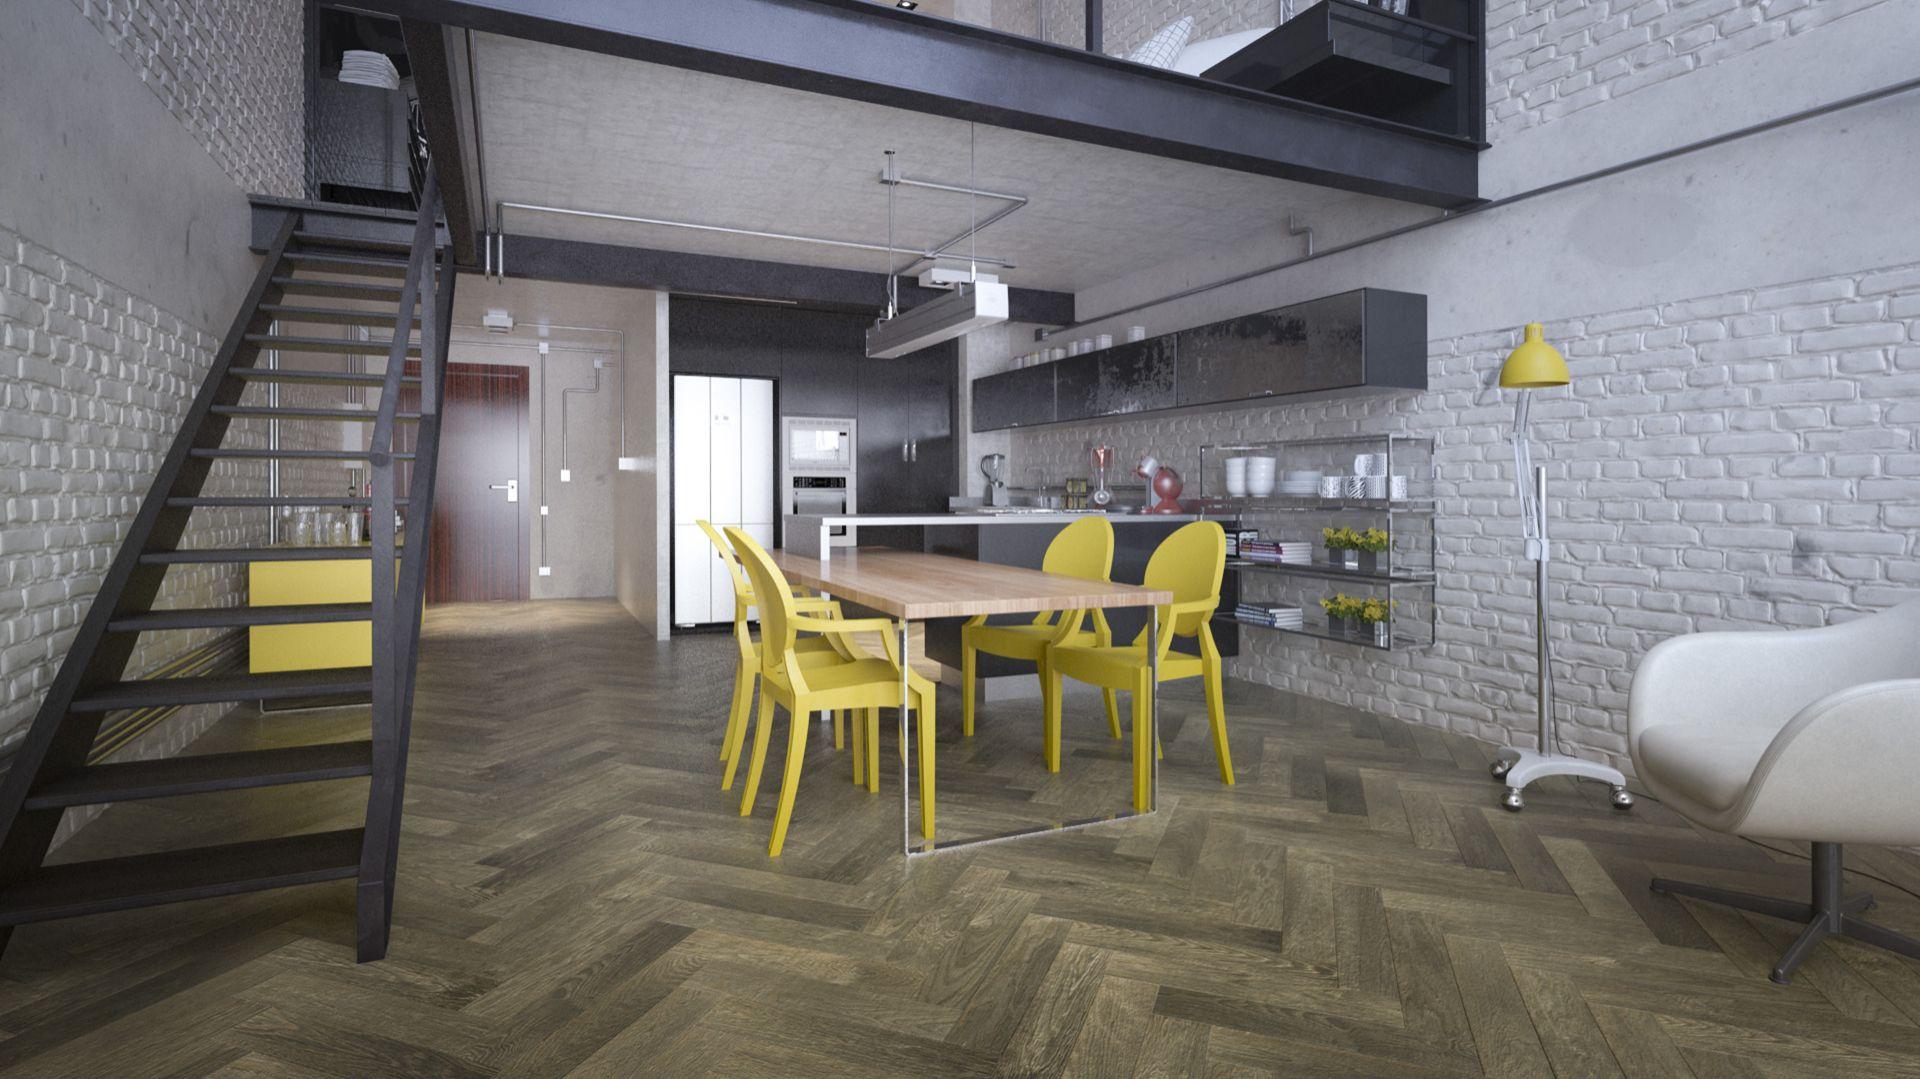 Podłogi Retro Collection/Jawor-Parkiet. Produkt zgłoszony do konkursu Dobry Design 2018.